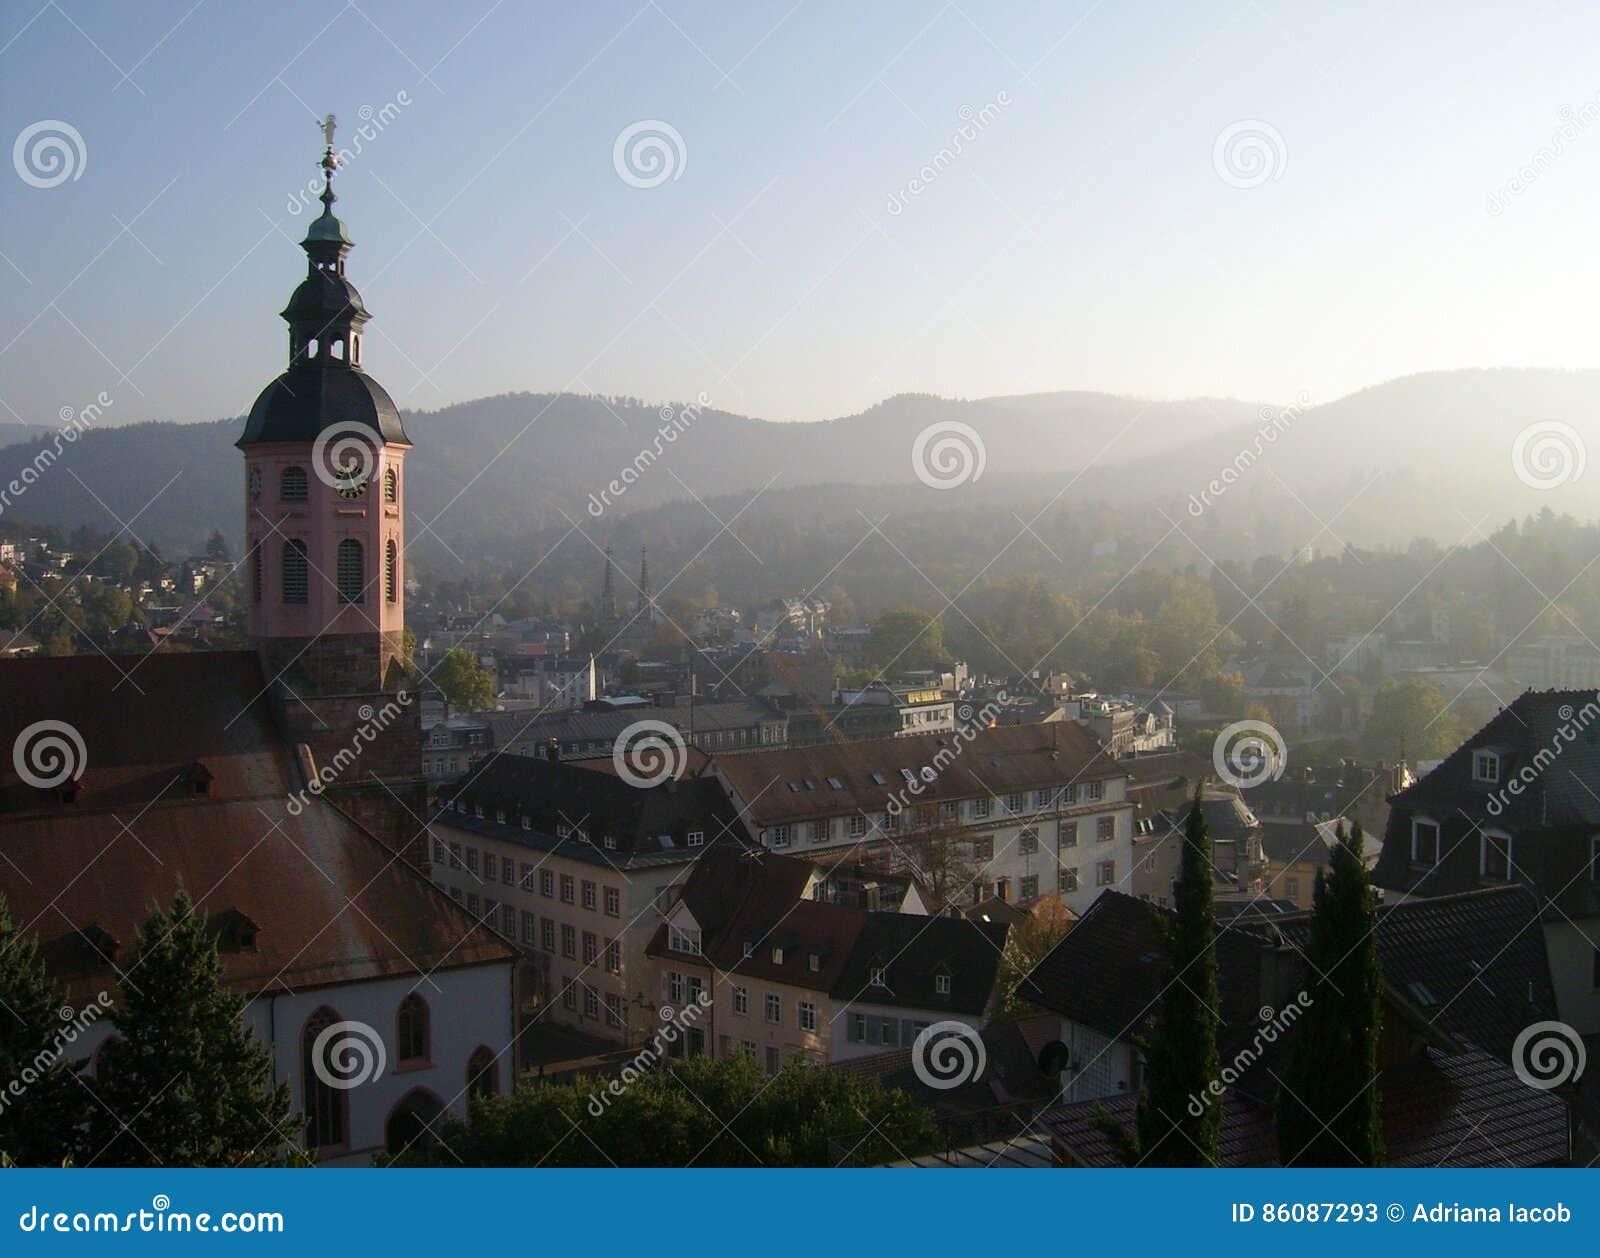 De stedelijke architectuur van Baden Baden